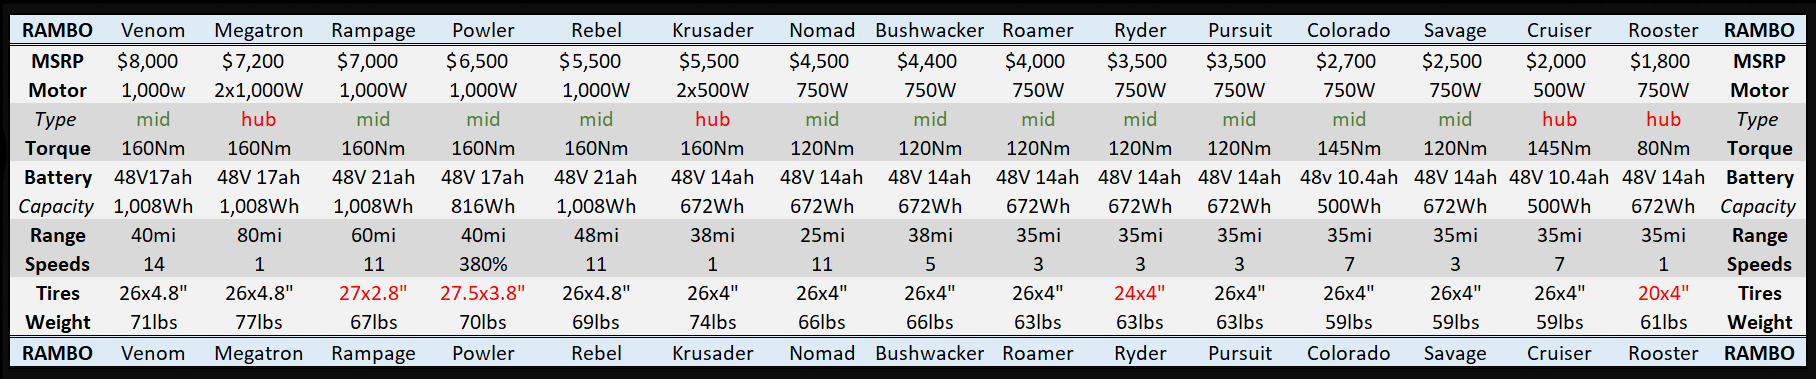 rambo bikes comparison